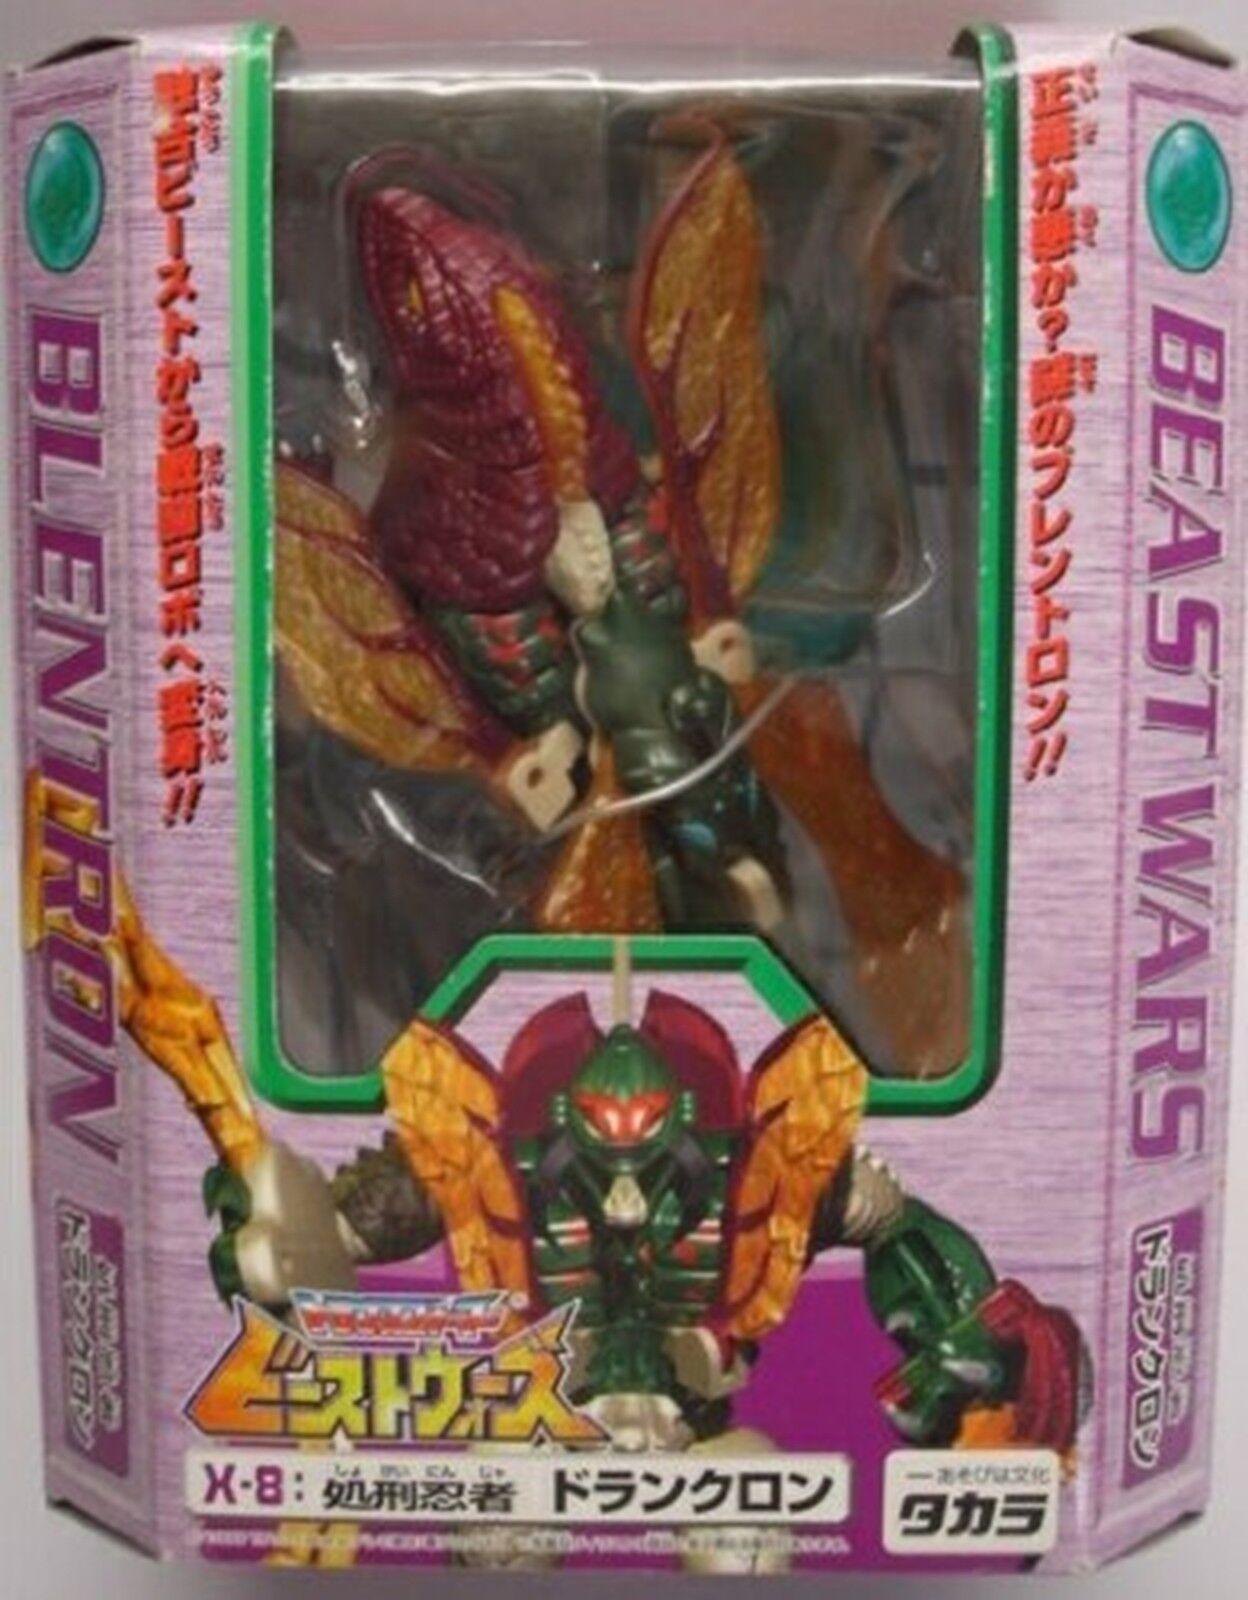 Takara X-8 Dranccron Trans Formers Beast Wars Figure NEW